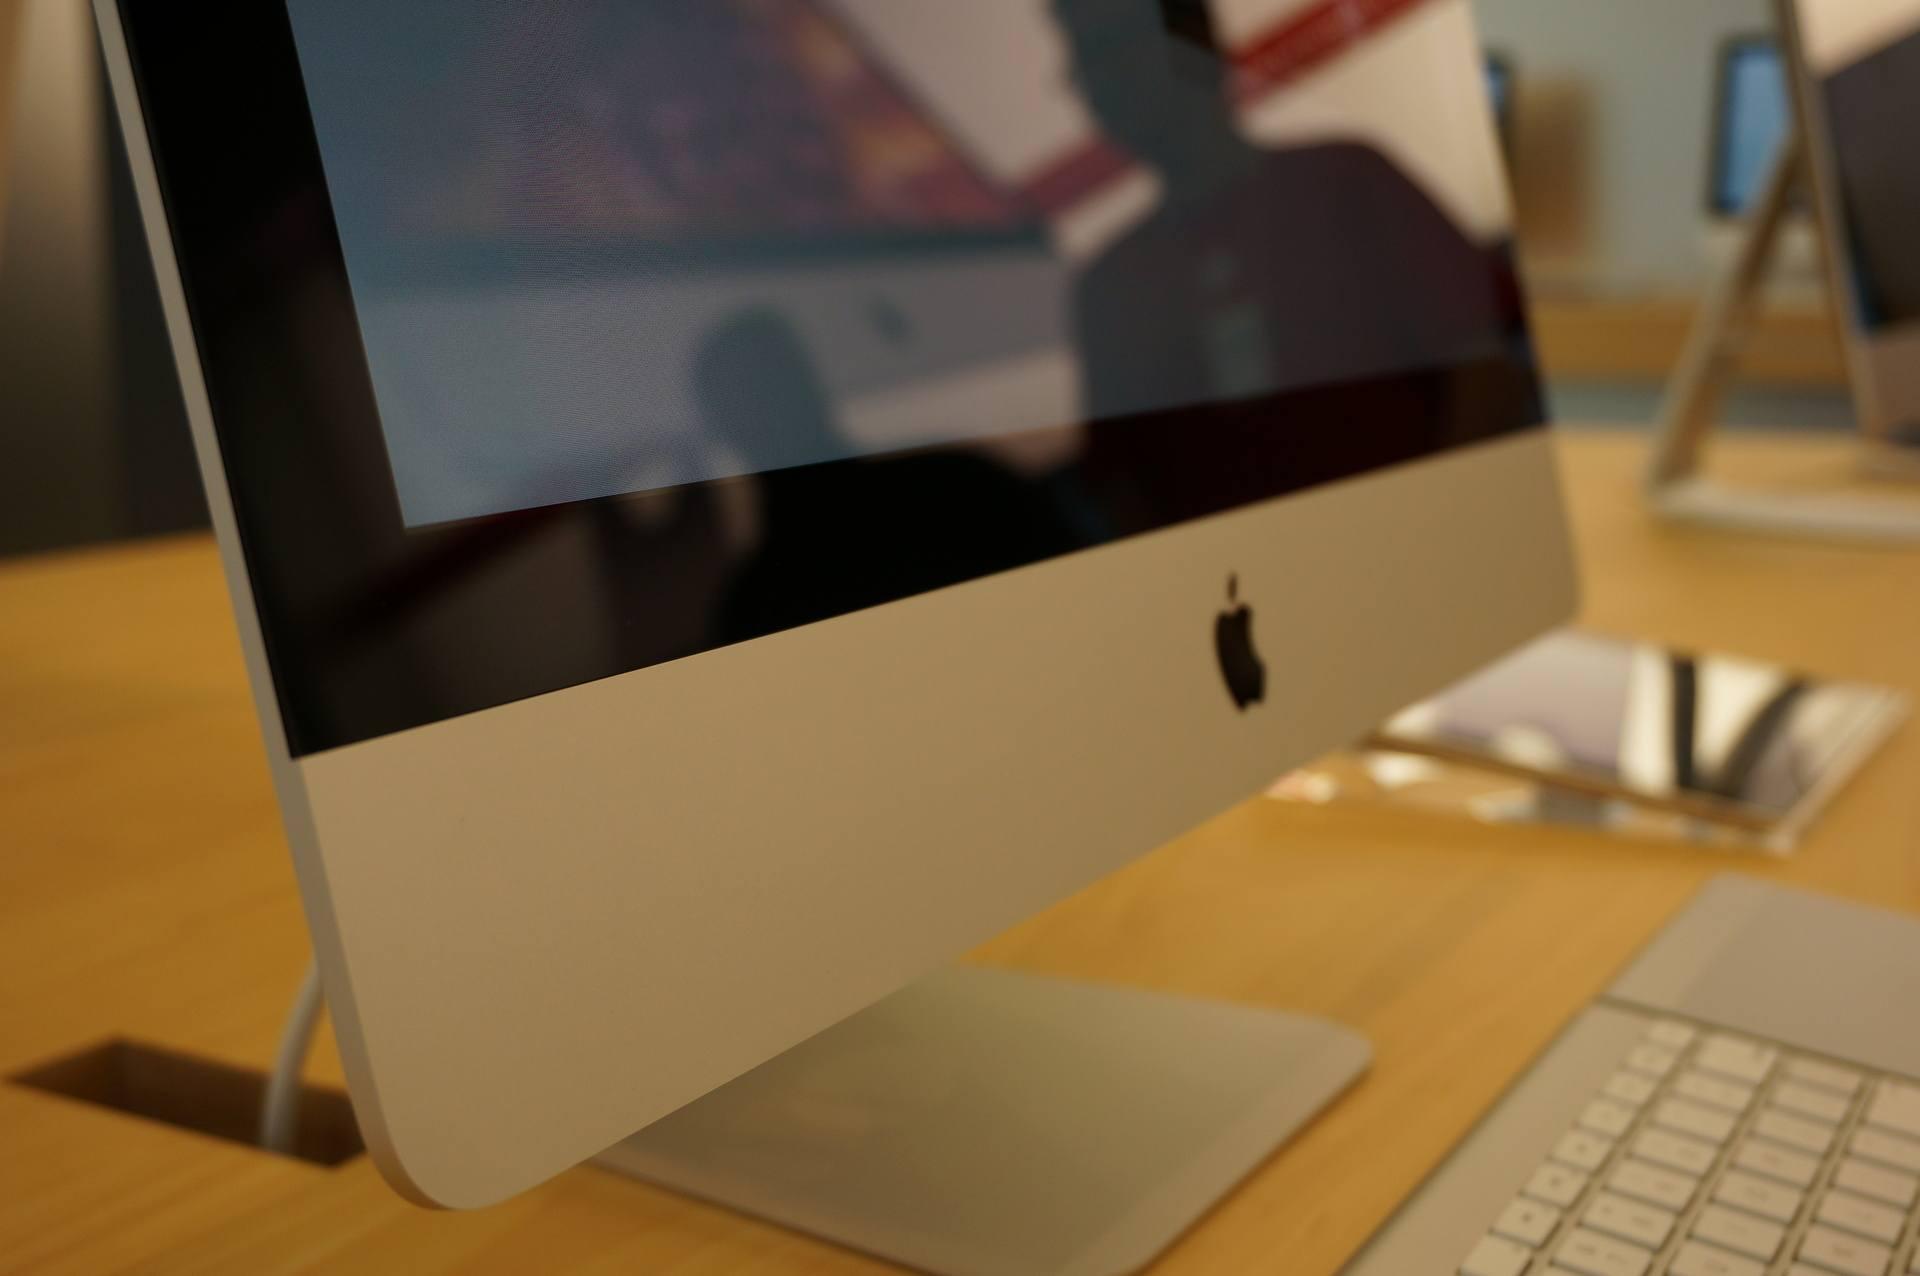 Le aziende preferiscono i Mac ai normali PC